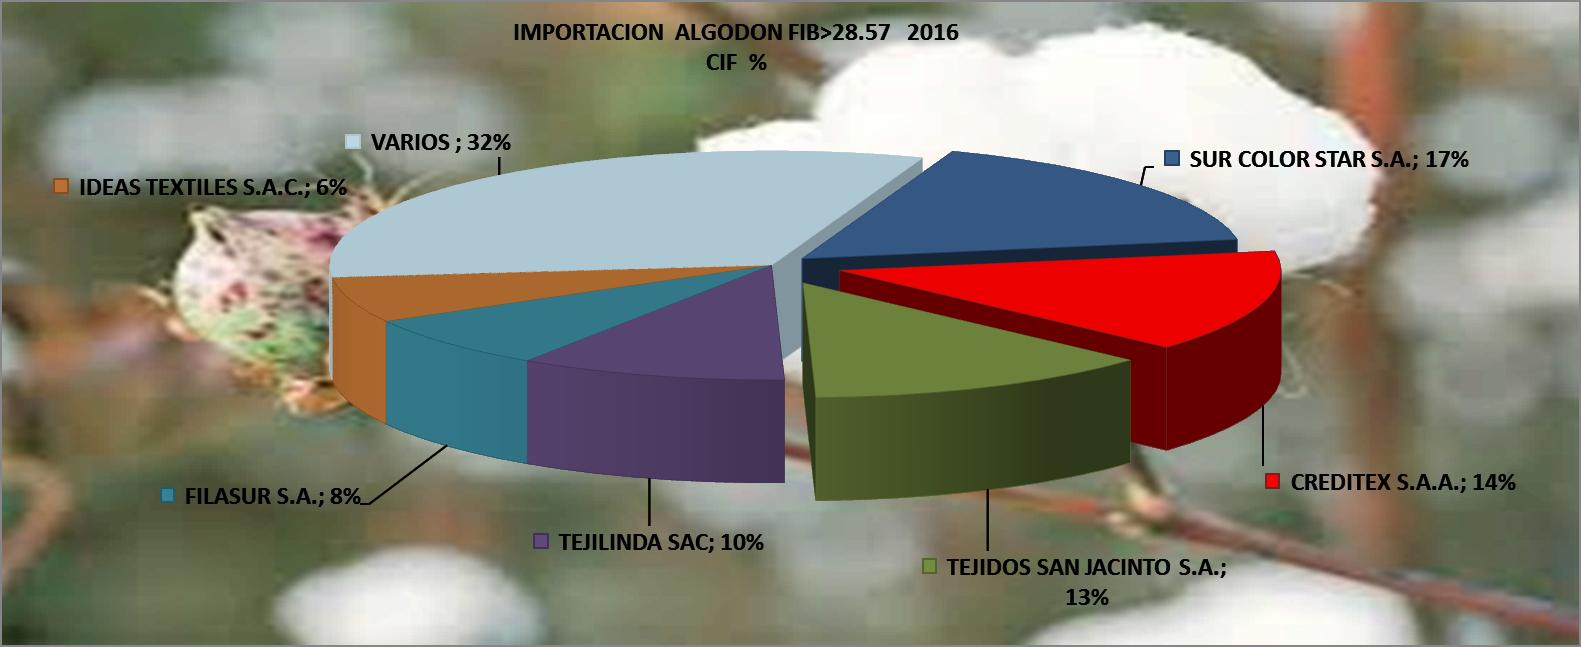 Algodón Fibra 28.57 Perú Importación 2016 Diciembre